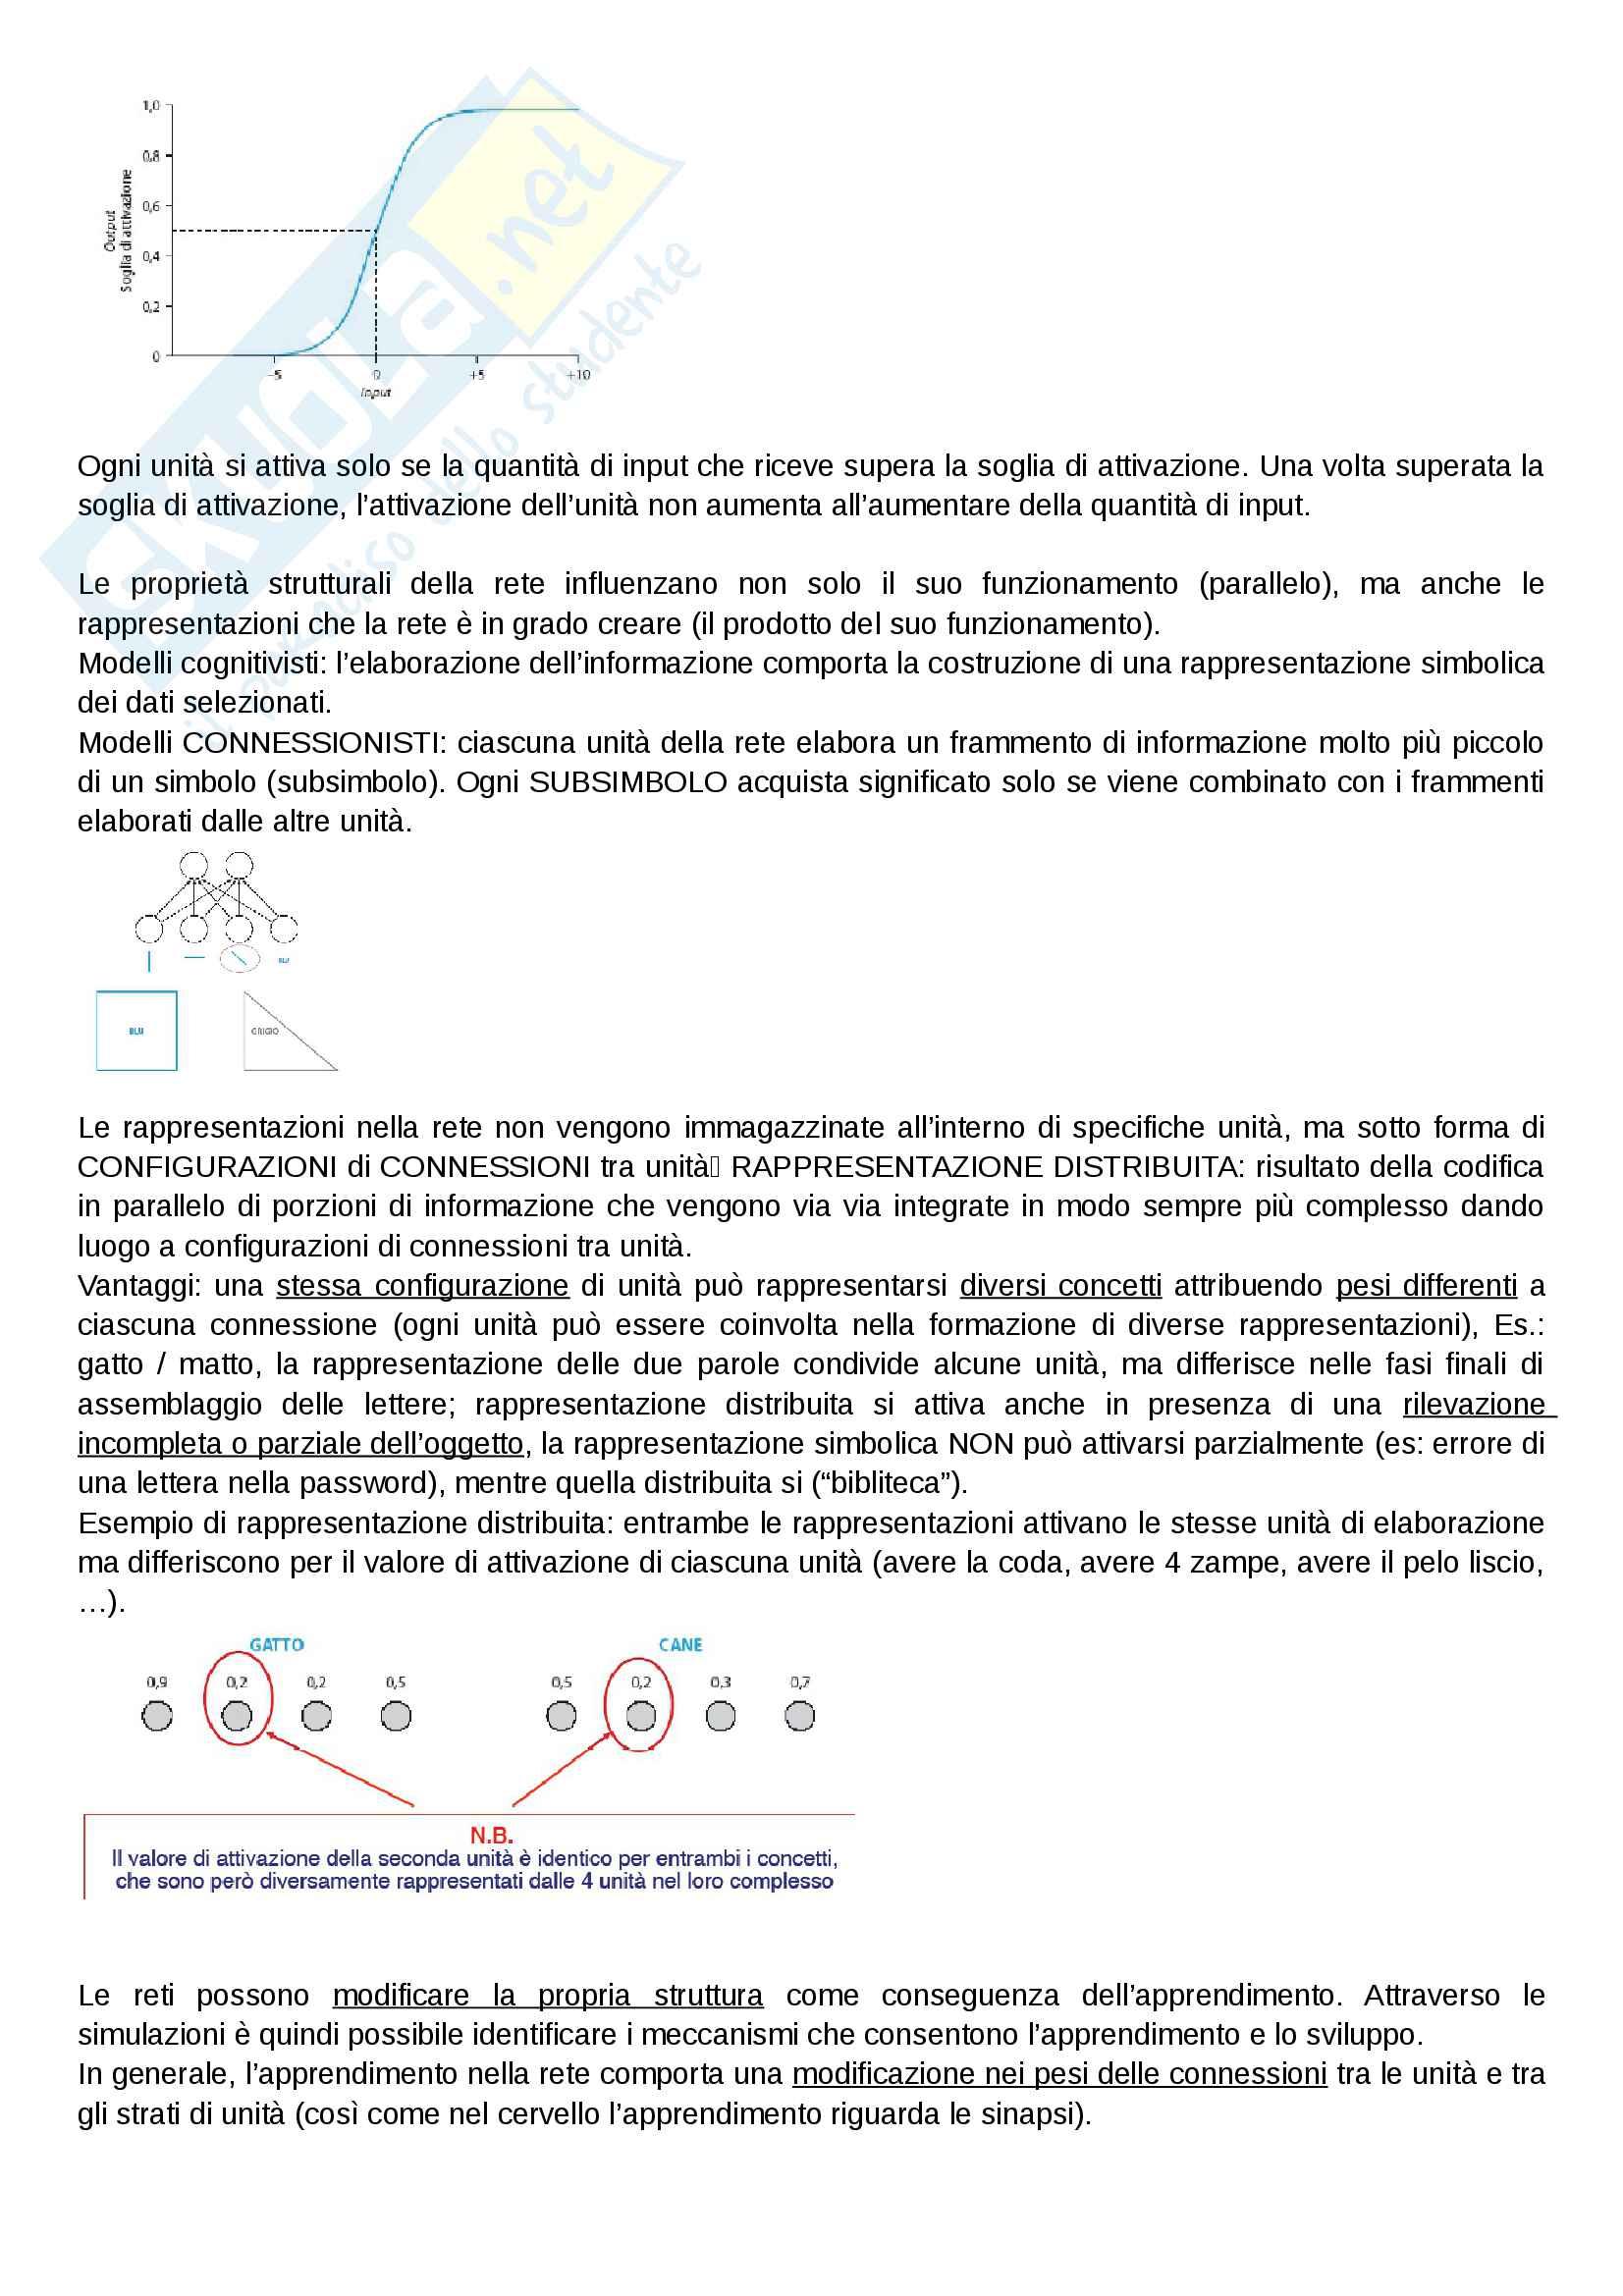 Appunti sviluppo cognitivo 2 Pag. 6